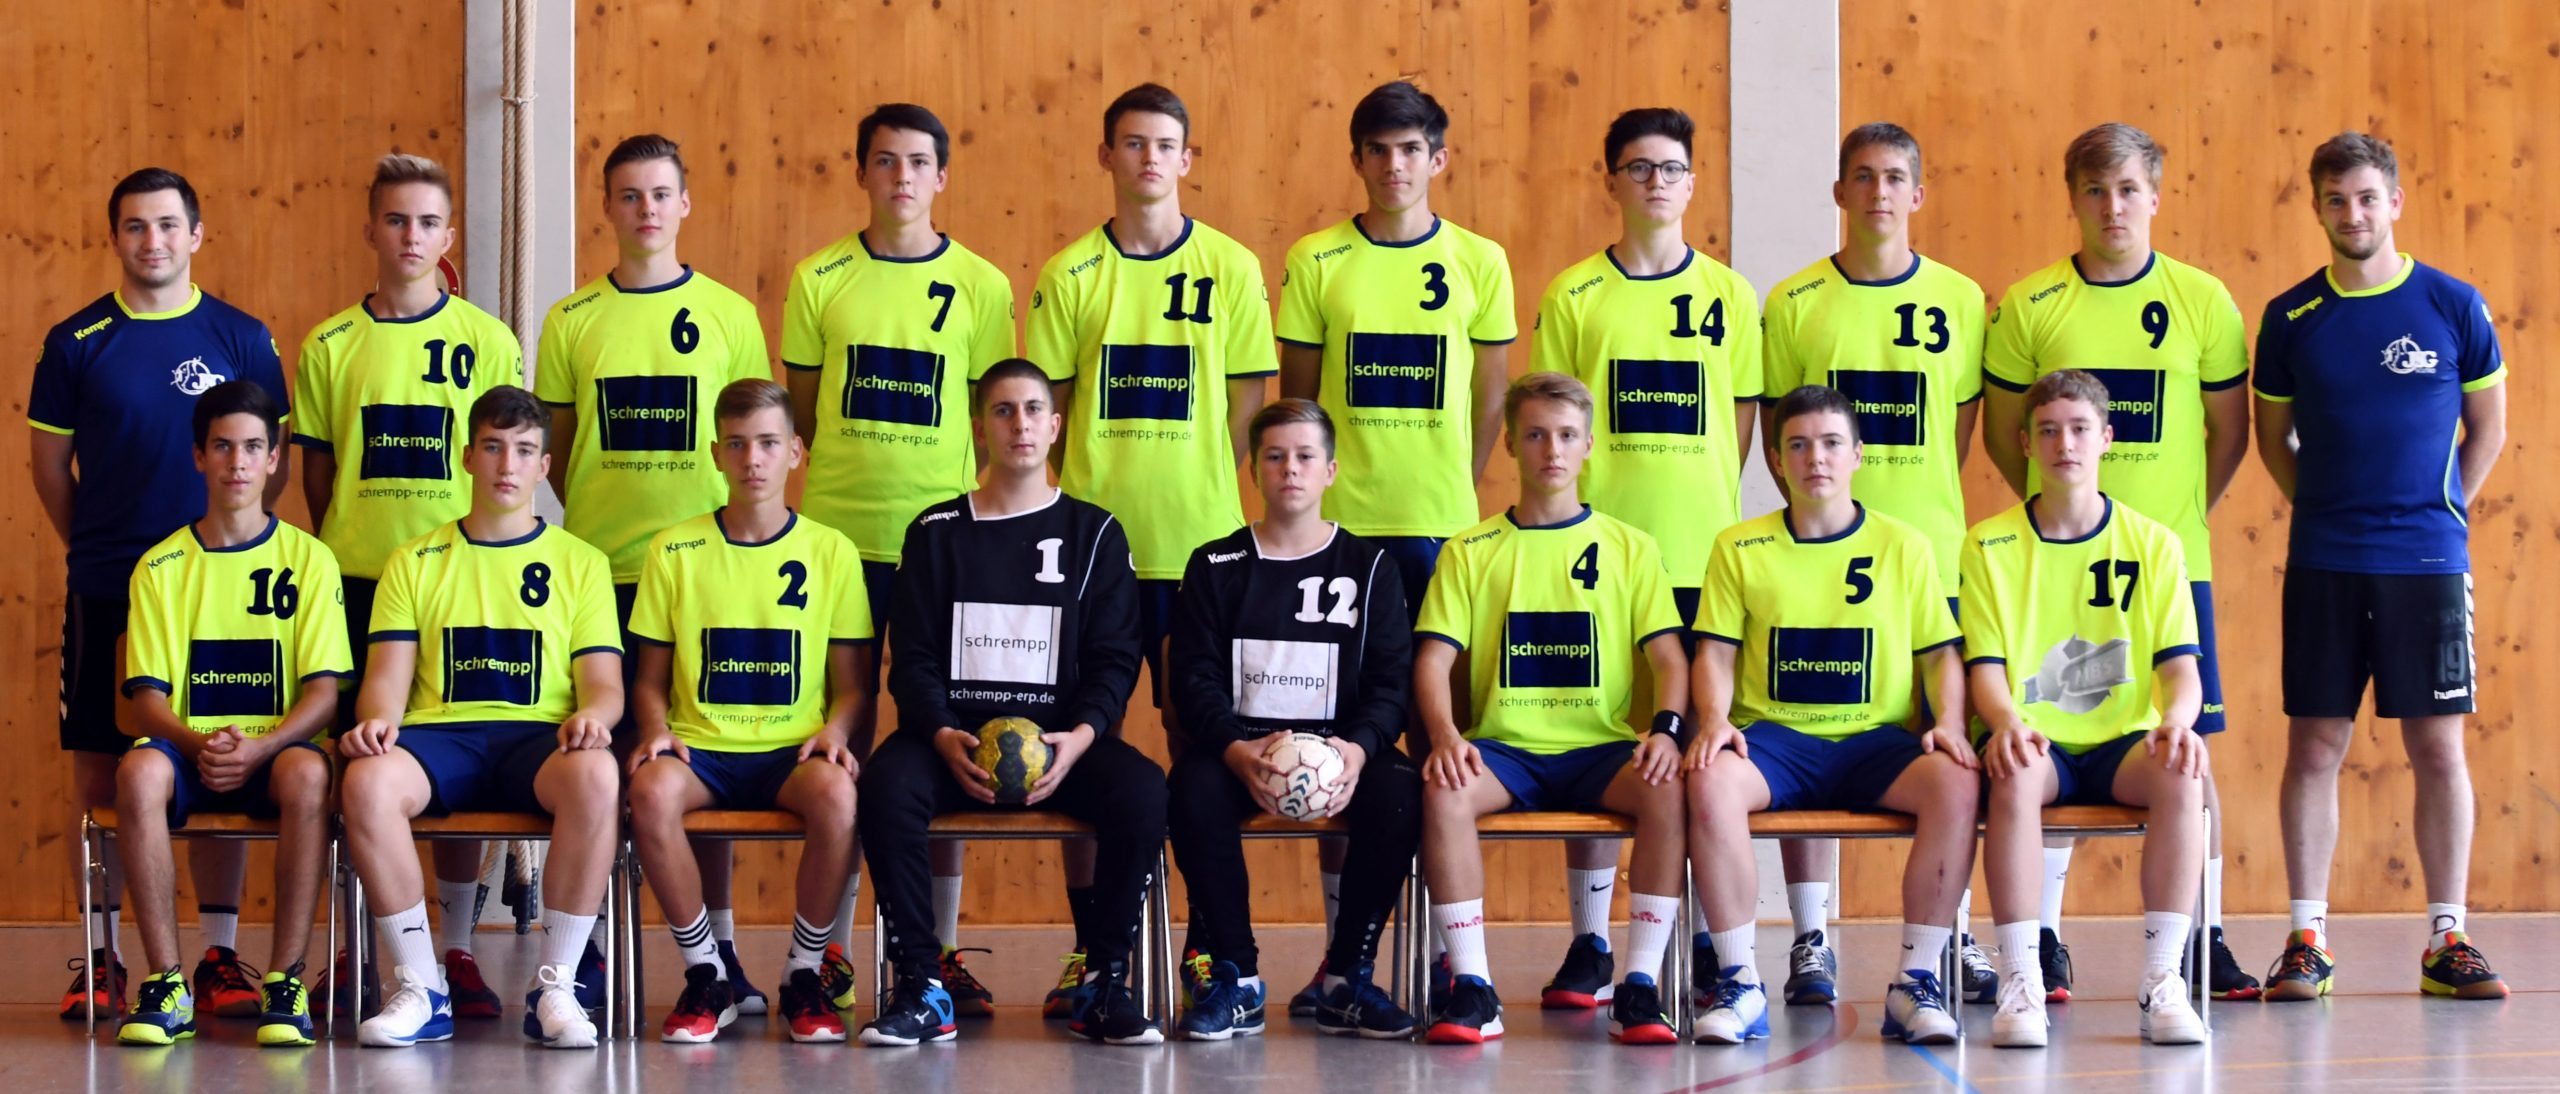 B-Jugend männlich 2020/2021